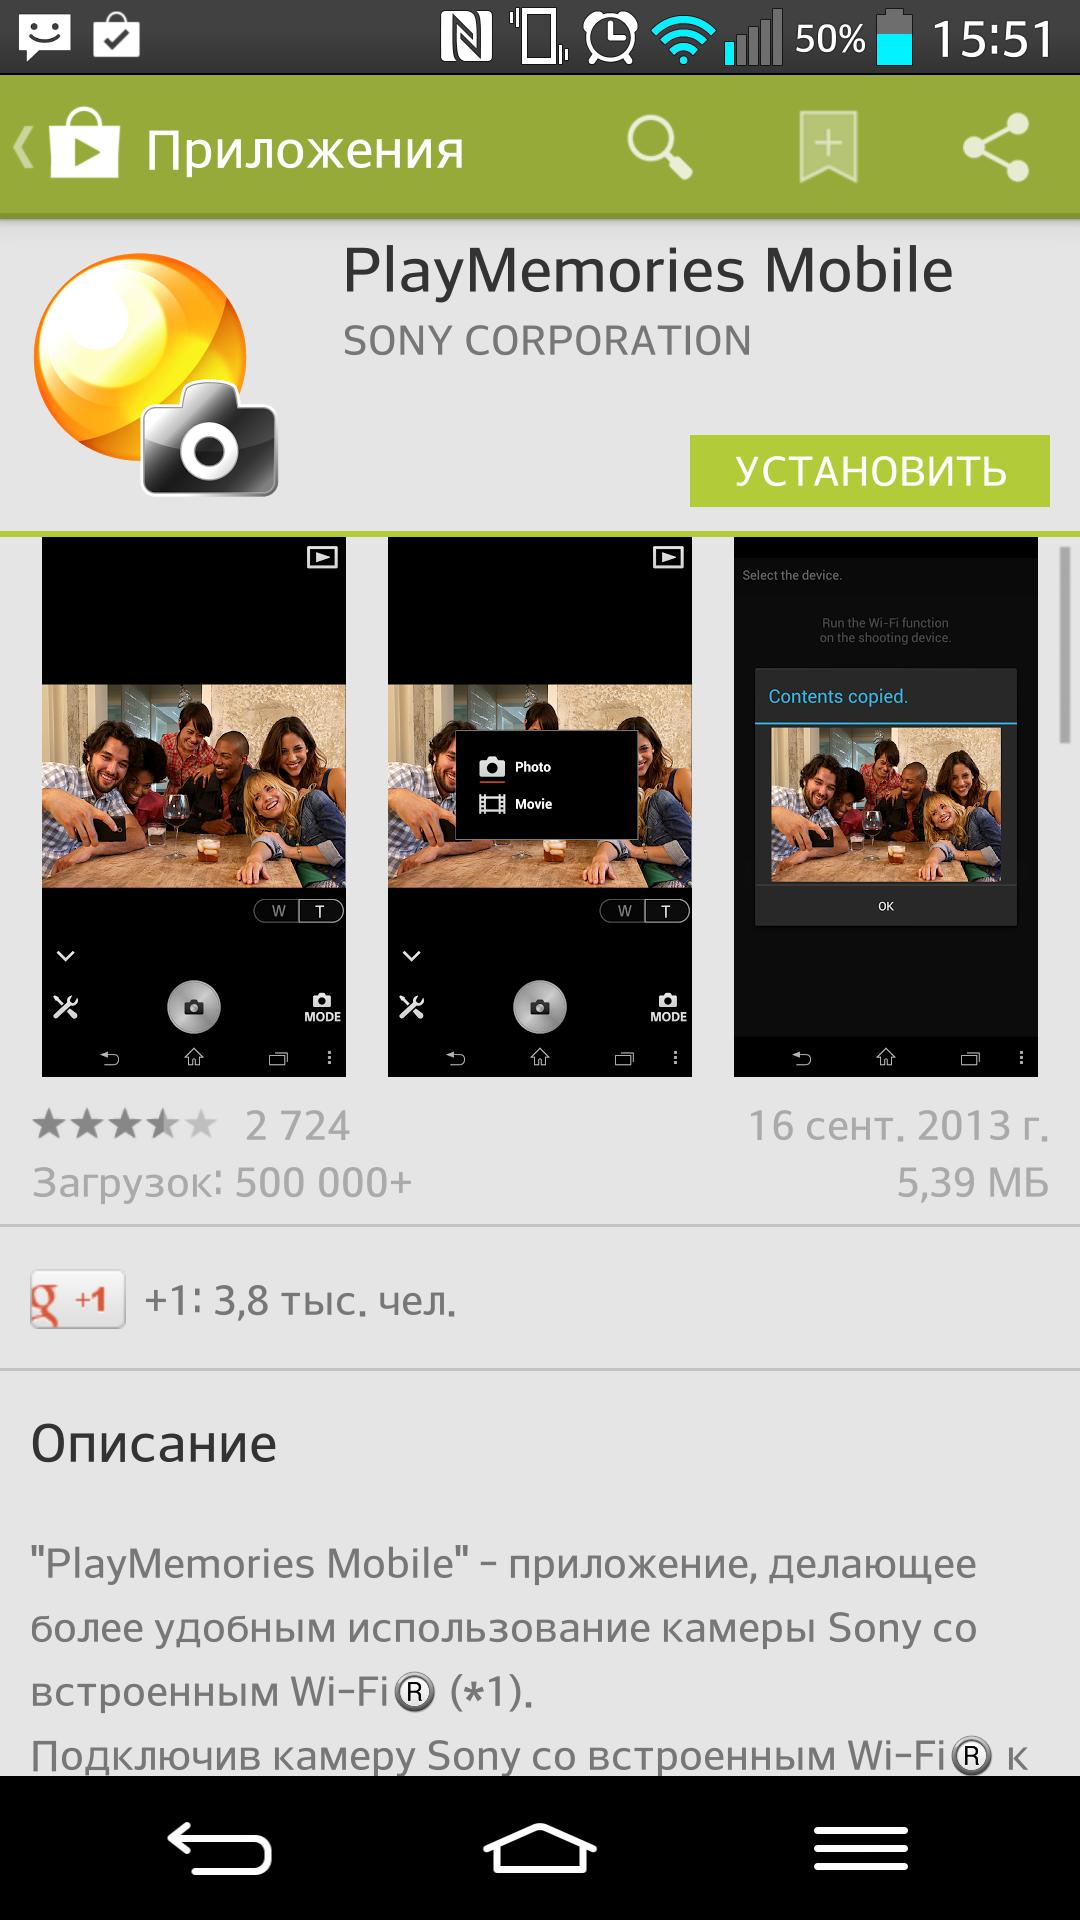 Пишем своё первое приложение на Android / Хабрахабр 87